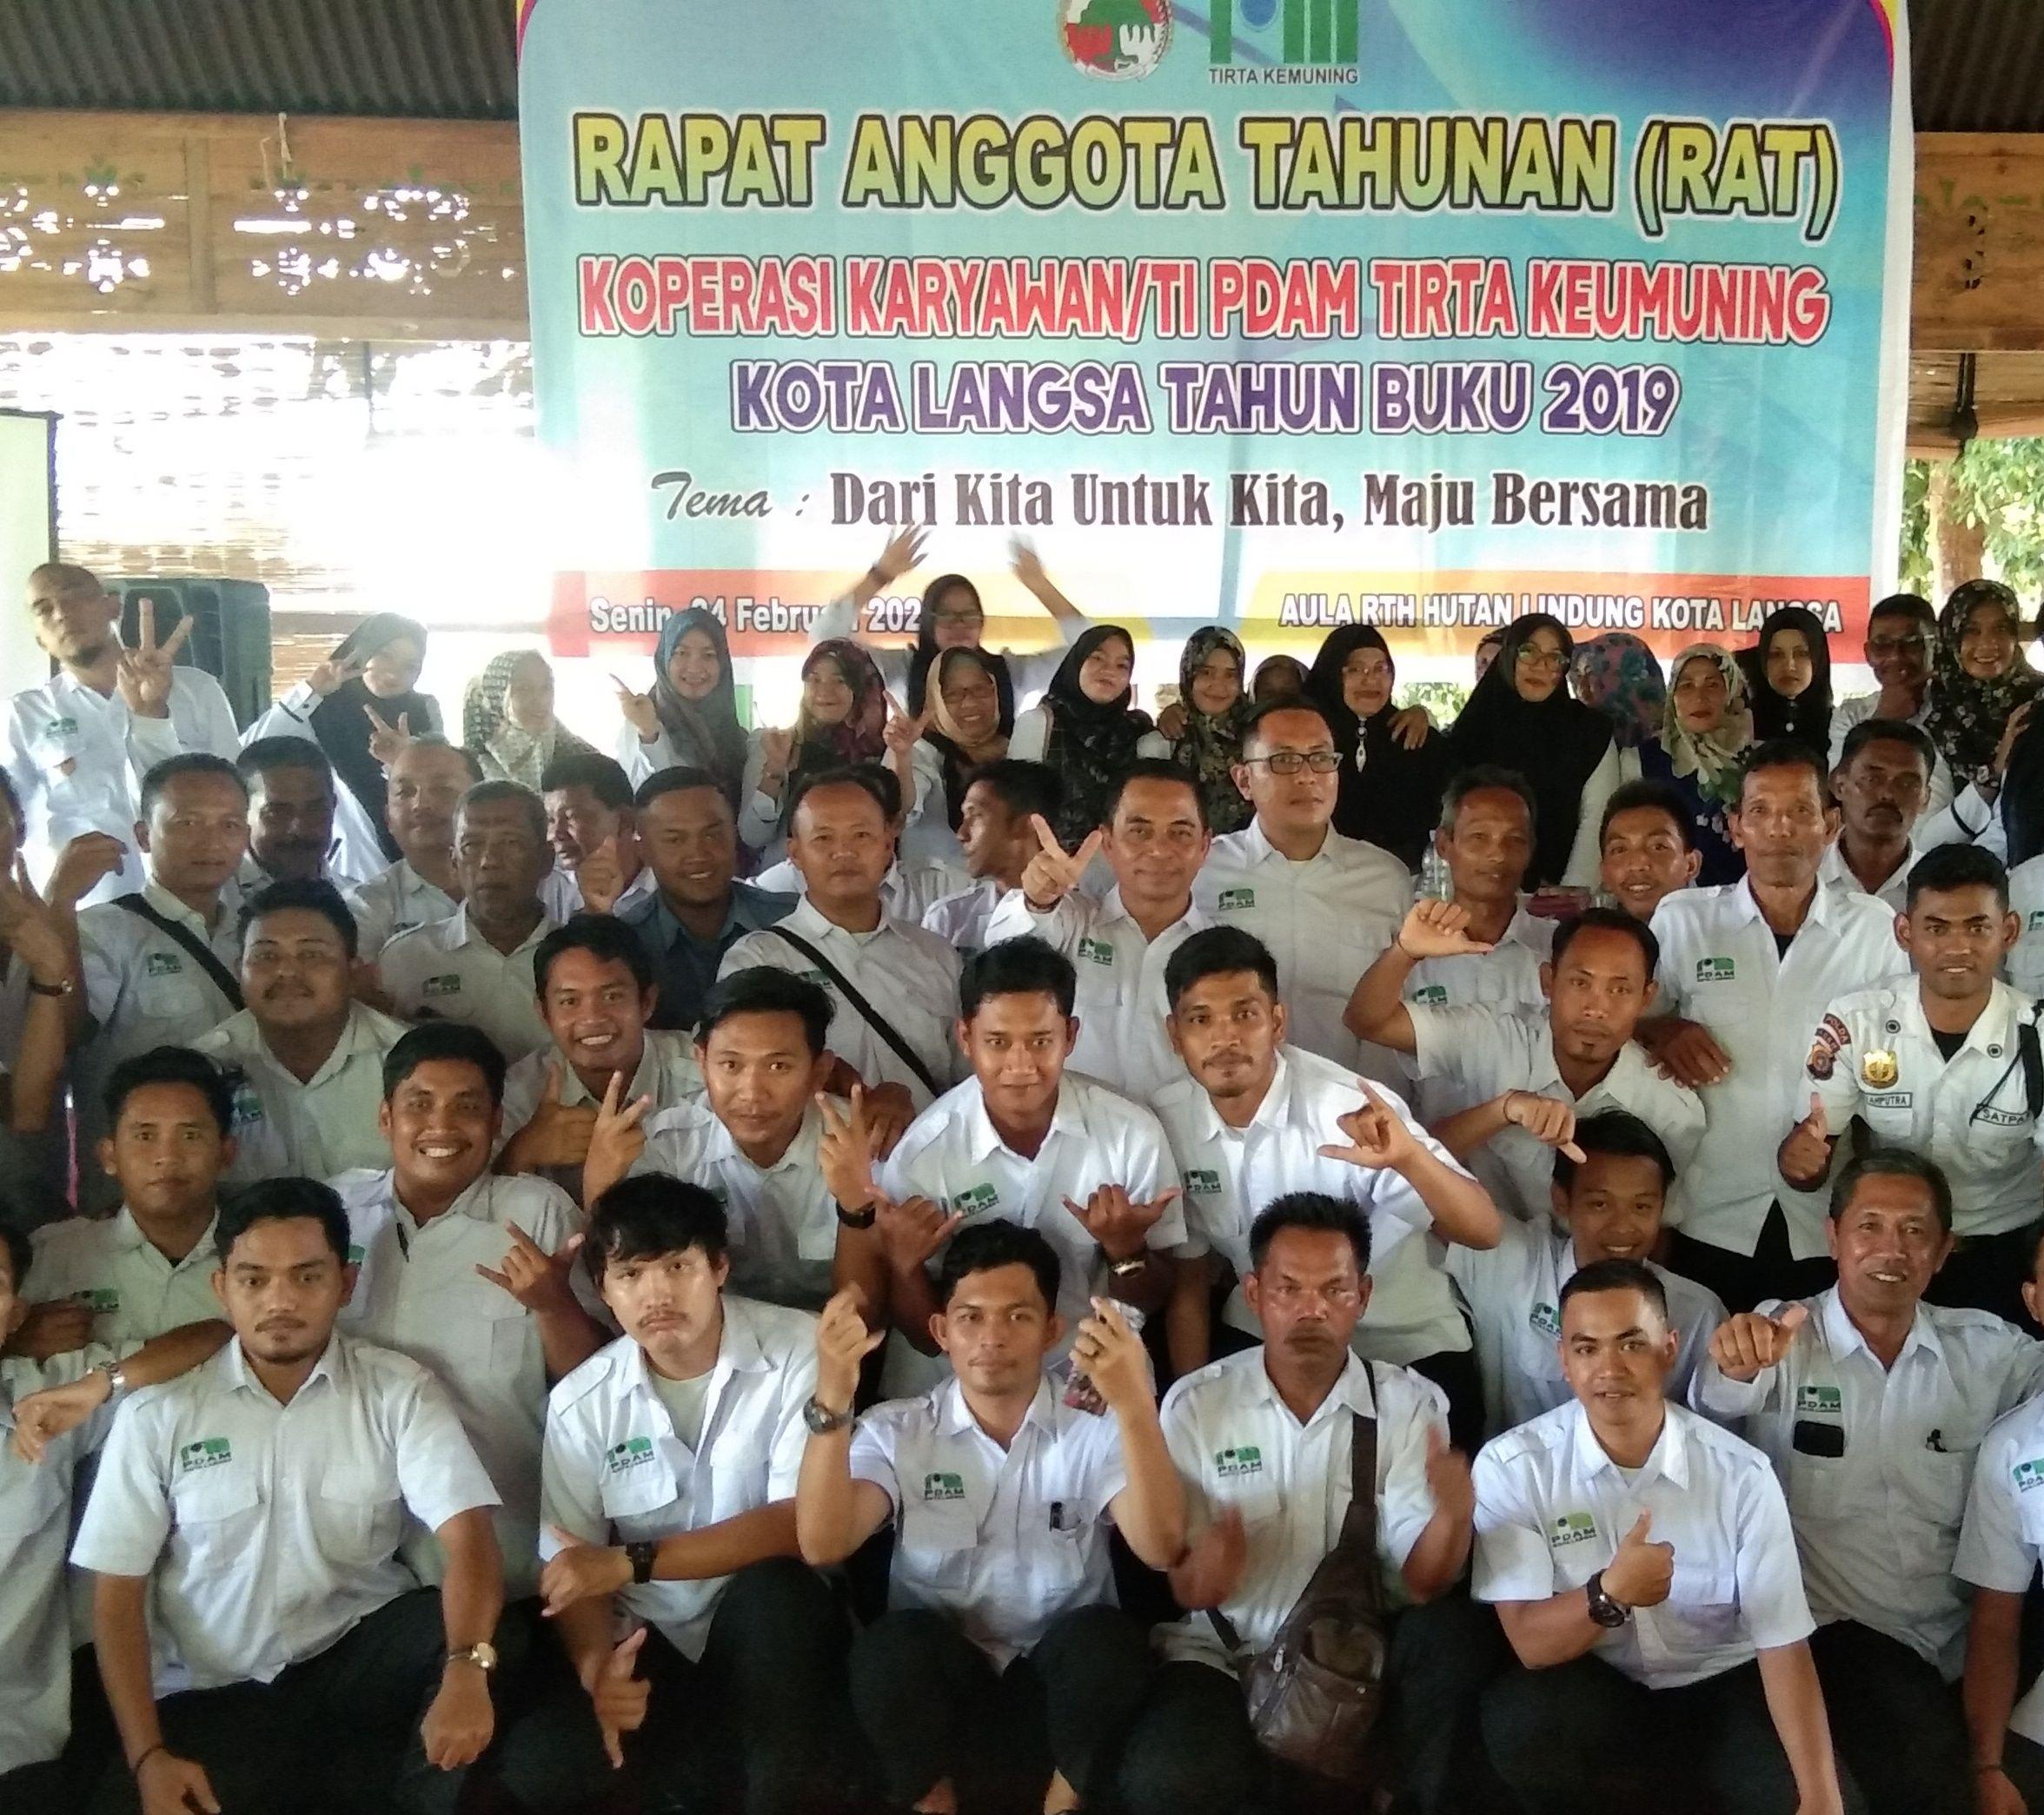 Koperasi Karyawan PDAM Tirta Kemuning, Laksanakan Rapat di RTH Langsa